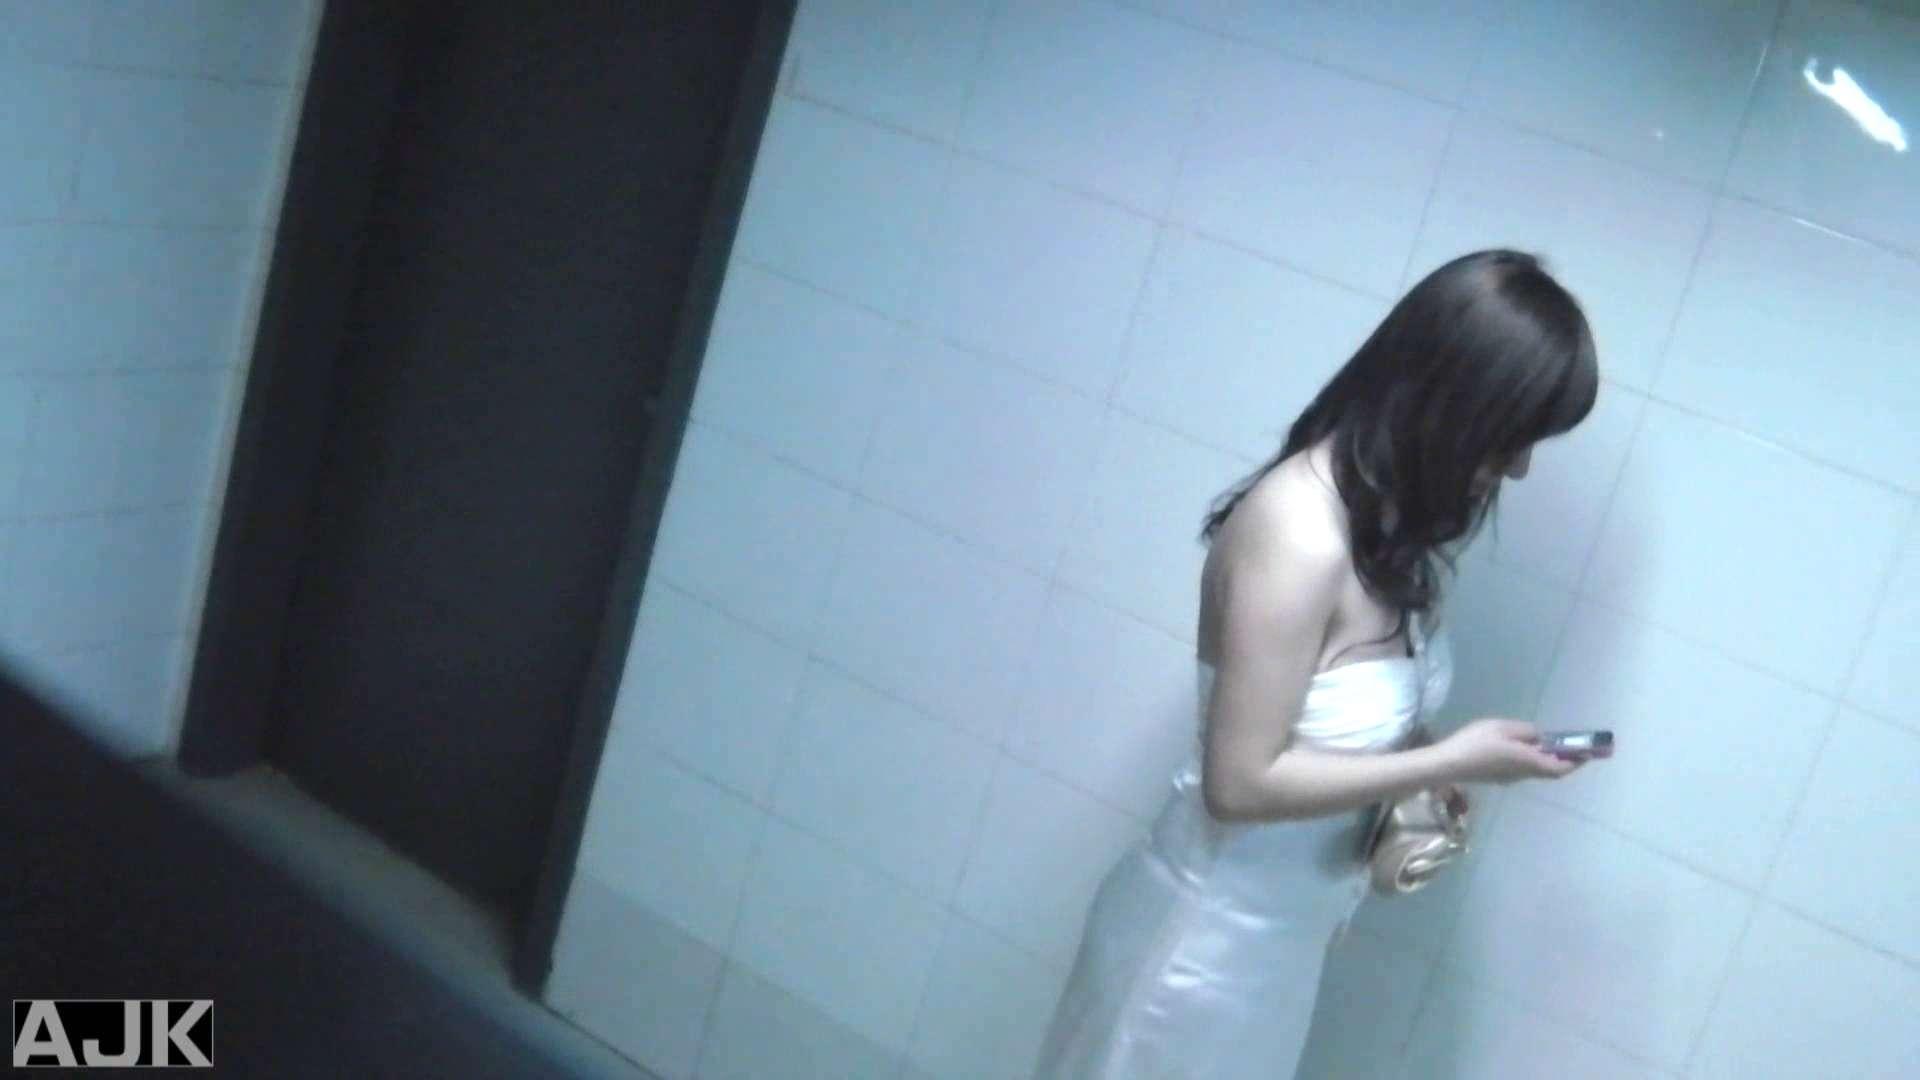 隣国上階級エリアの令嬢たちが集うデパートお手洗い Vol.25 おまんこ オマンコ無修正動画無料 105画像 65